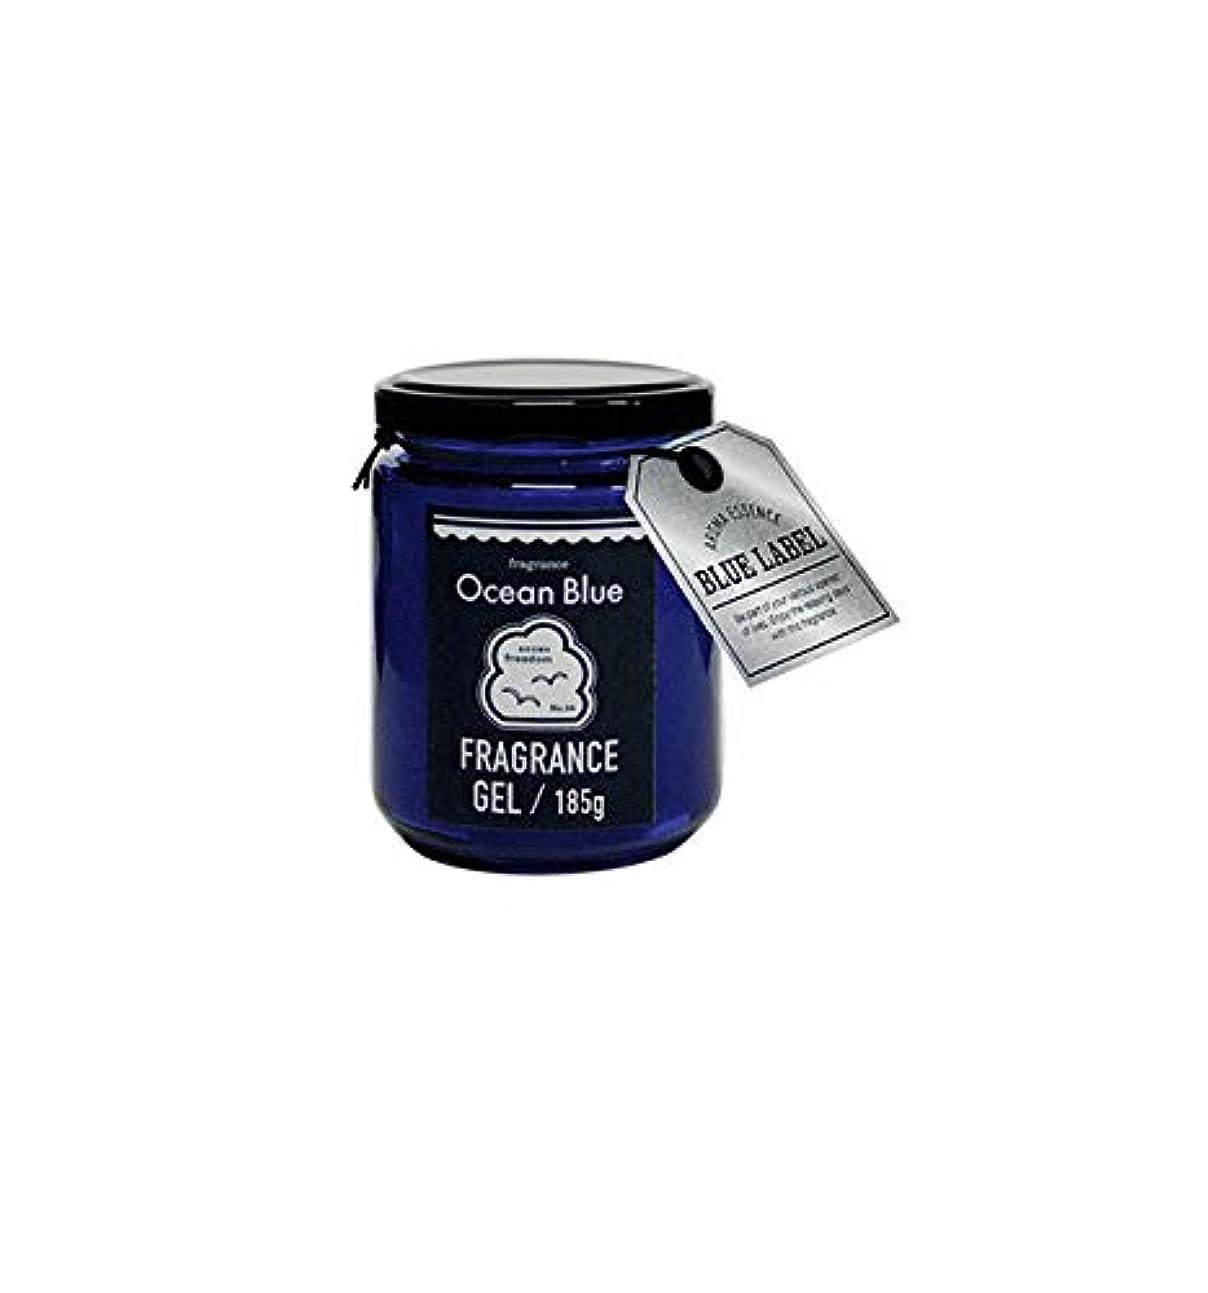 回想四回老人アロマエッセンスブルーラベル フレグランスジェル185g オーシャンブルー(ルームフレグランス 約1-2ヶ月 海の爽快な香り)